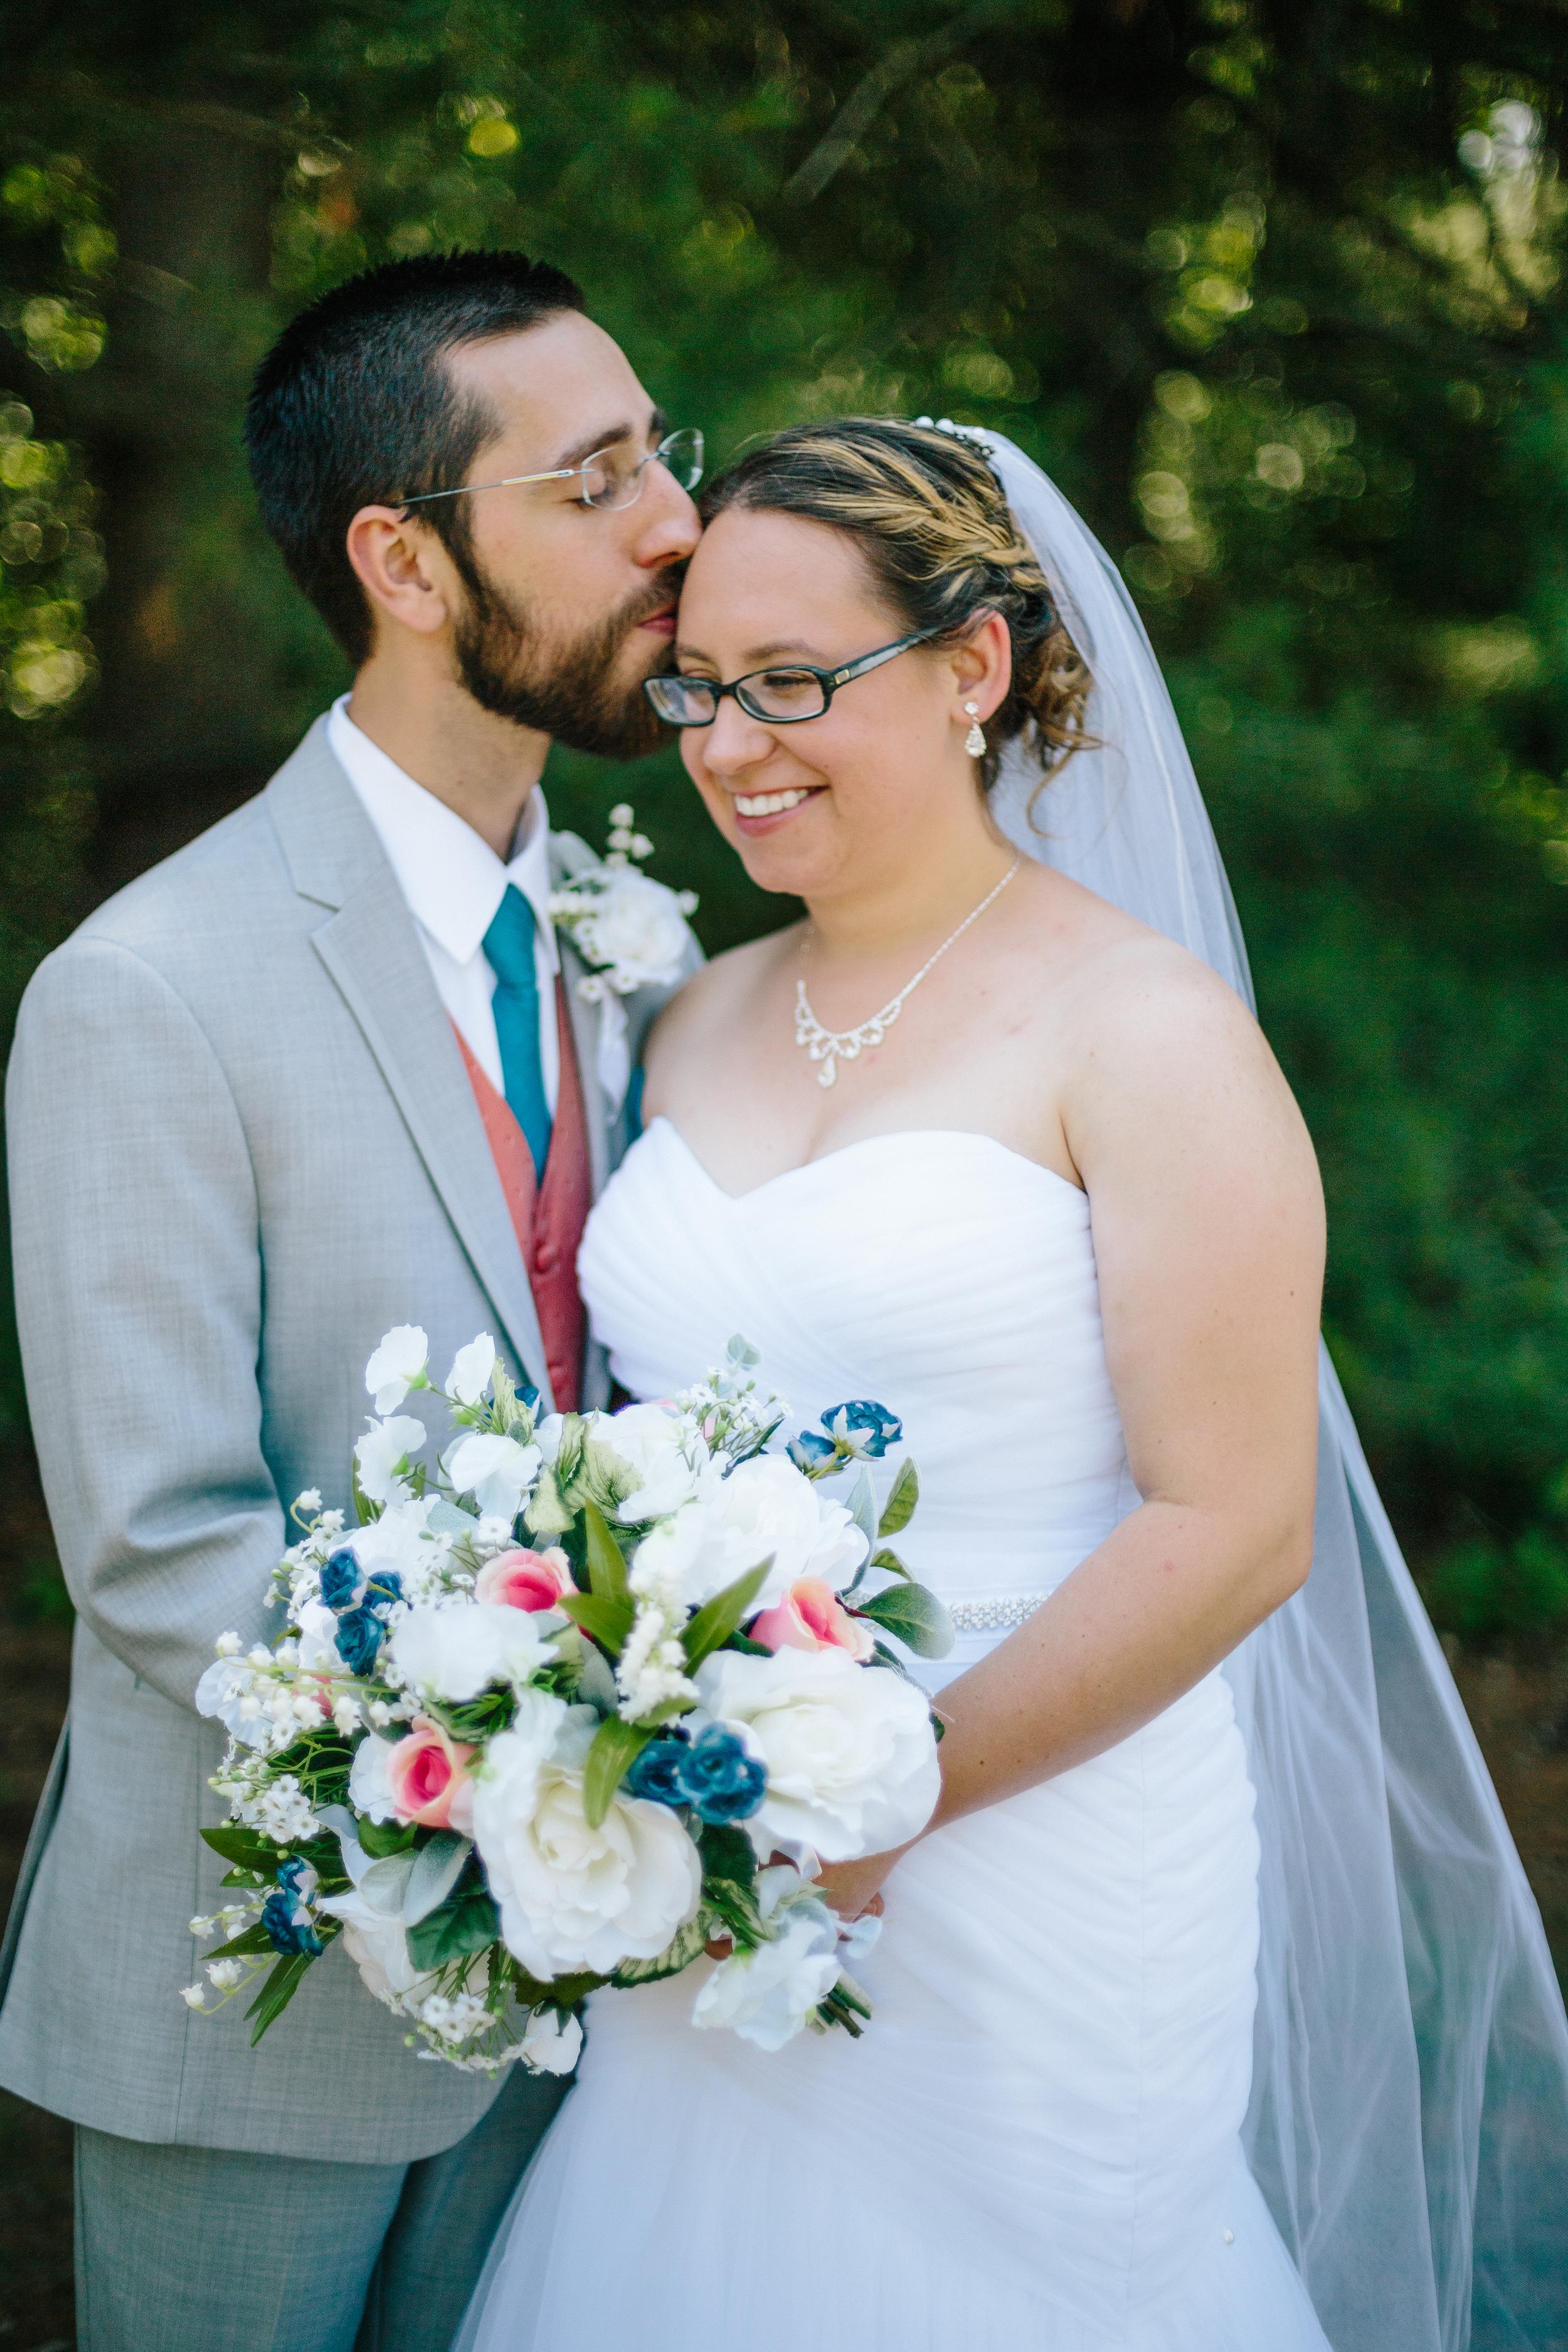 Peter & Rachel Married - South Bend, Indiana-348.jpg